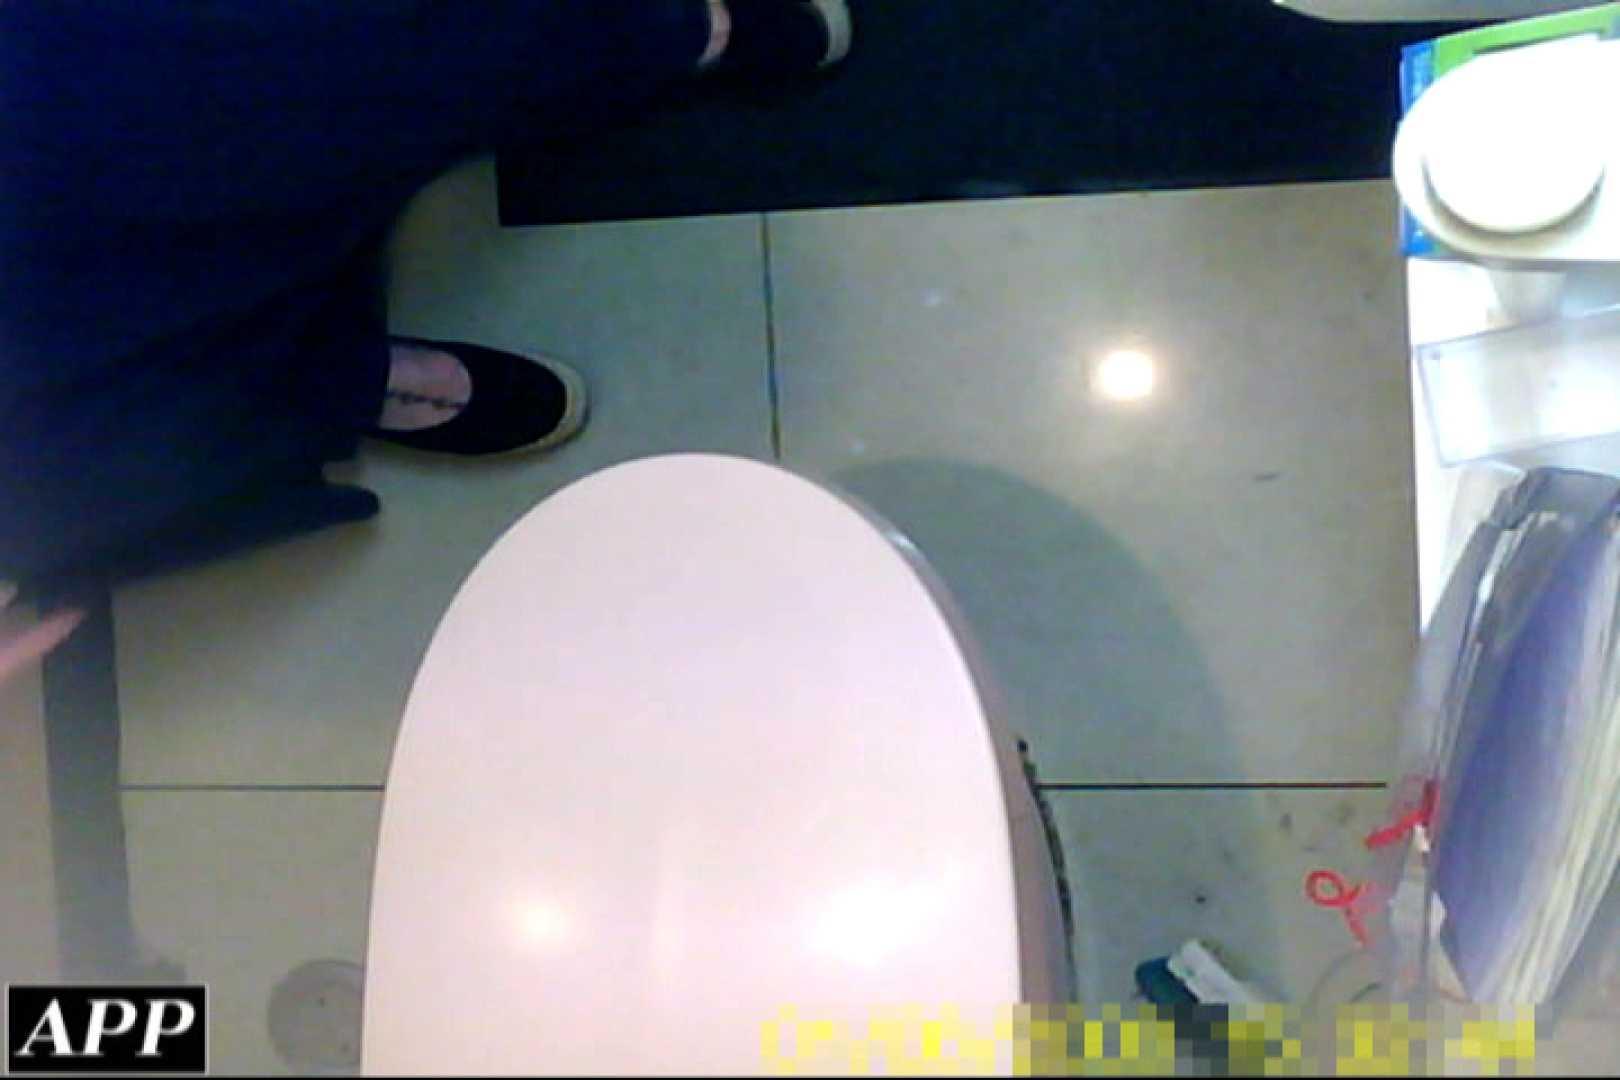 3視点洗面所 vol.91 オマンコ大好き エロ画像 99画像 6